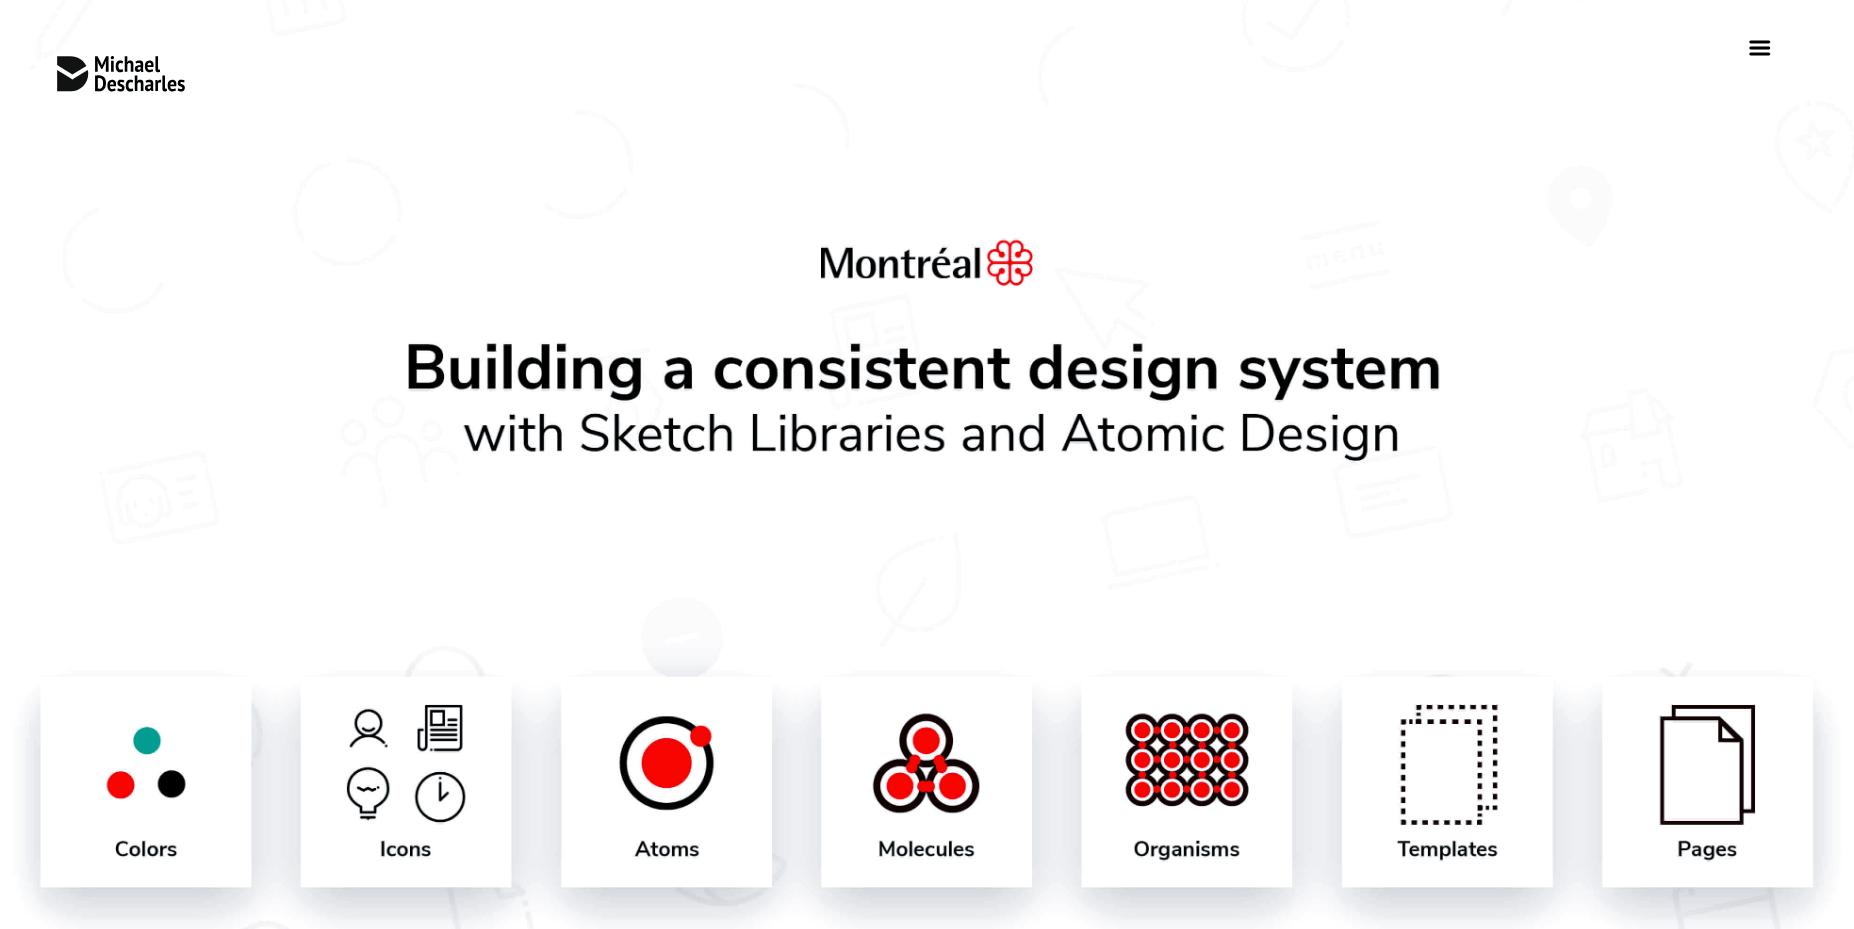 qué-es-un-design-system-y-por-qué-necesitas-aplicarlo-en-tu-empresa002